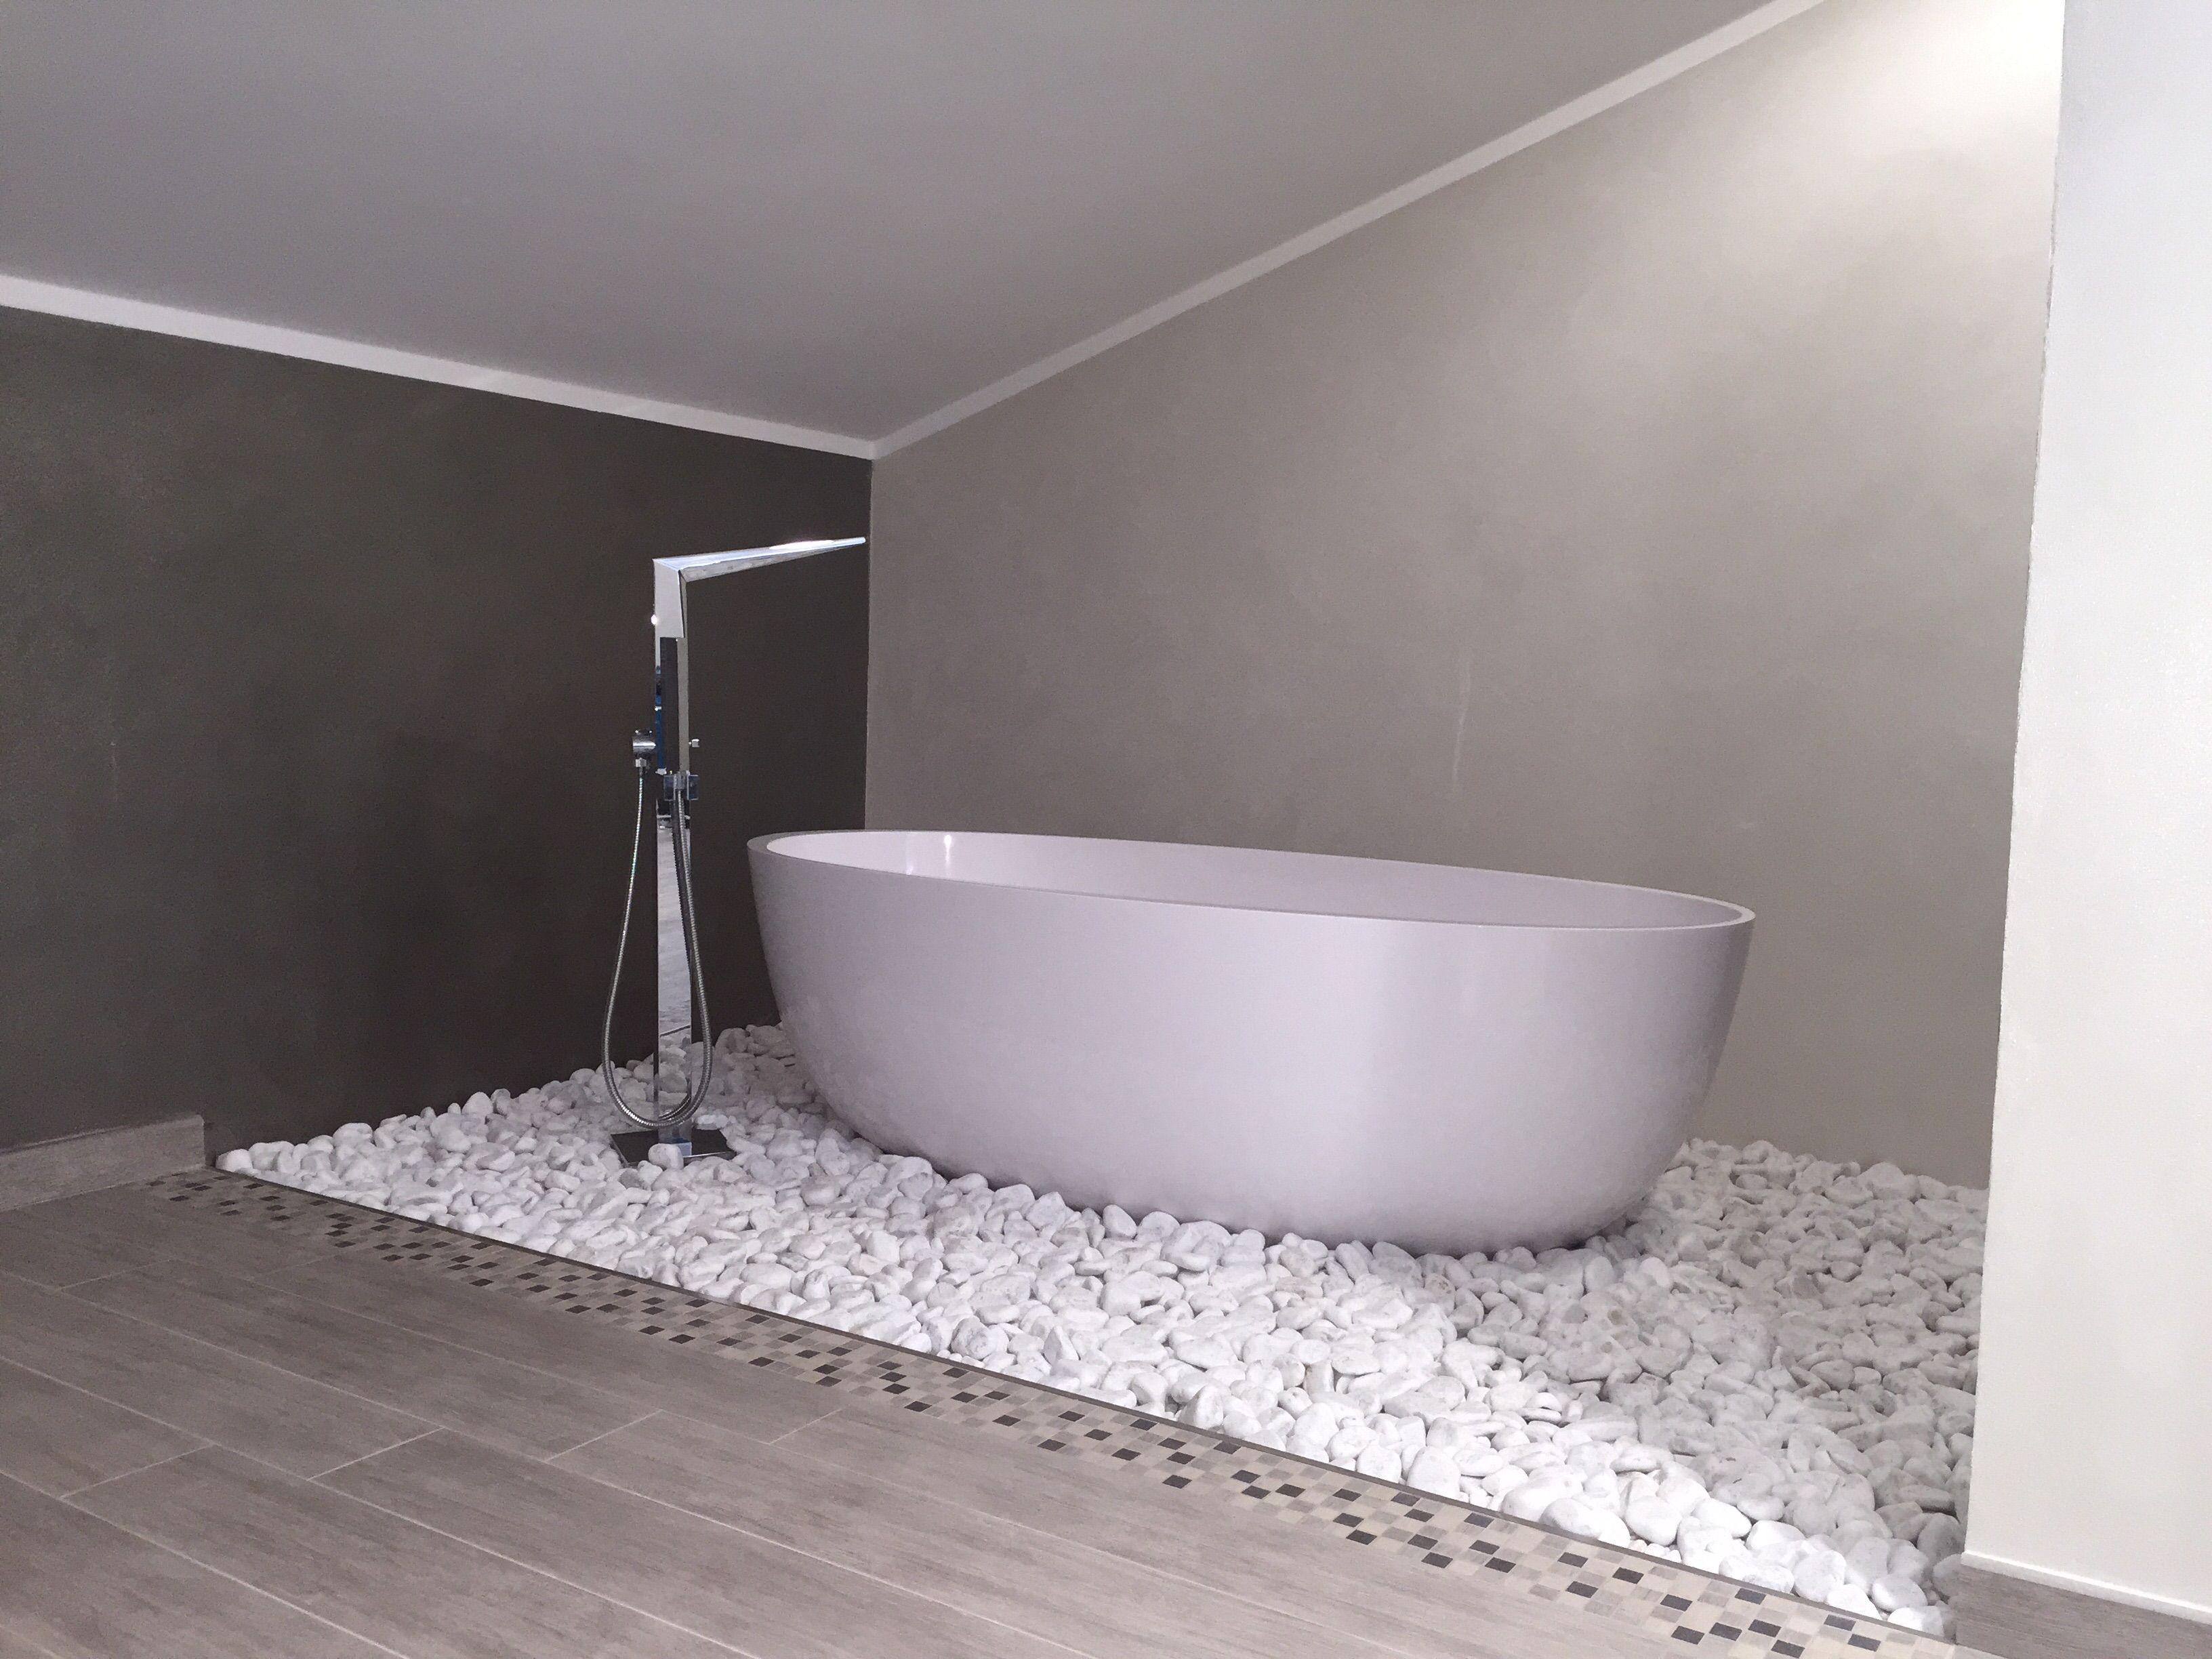 Vasche Da Bagno Moderne : Vasca da bagno in bagno moderno realizzato in provincia di torino